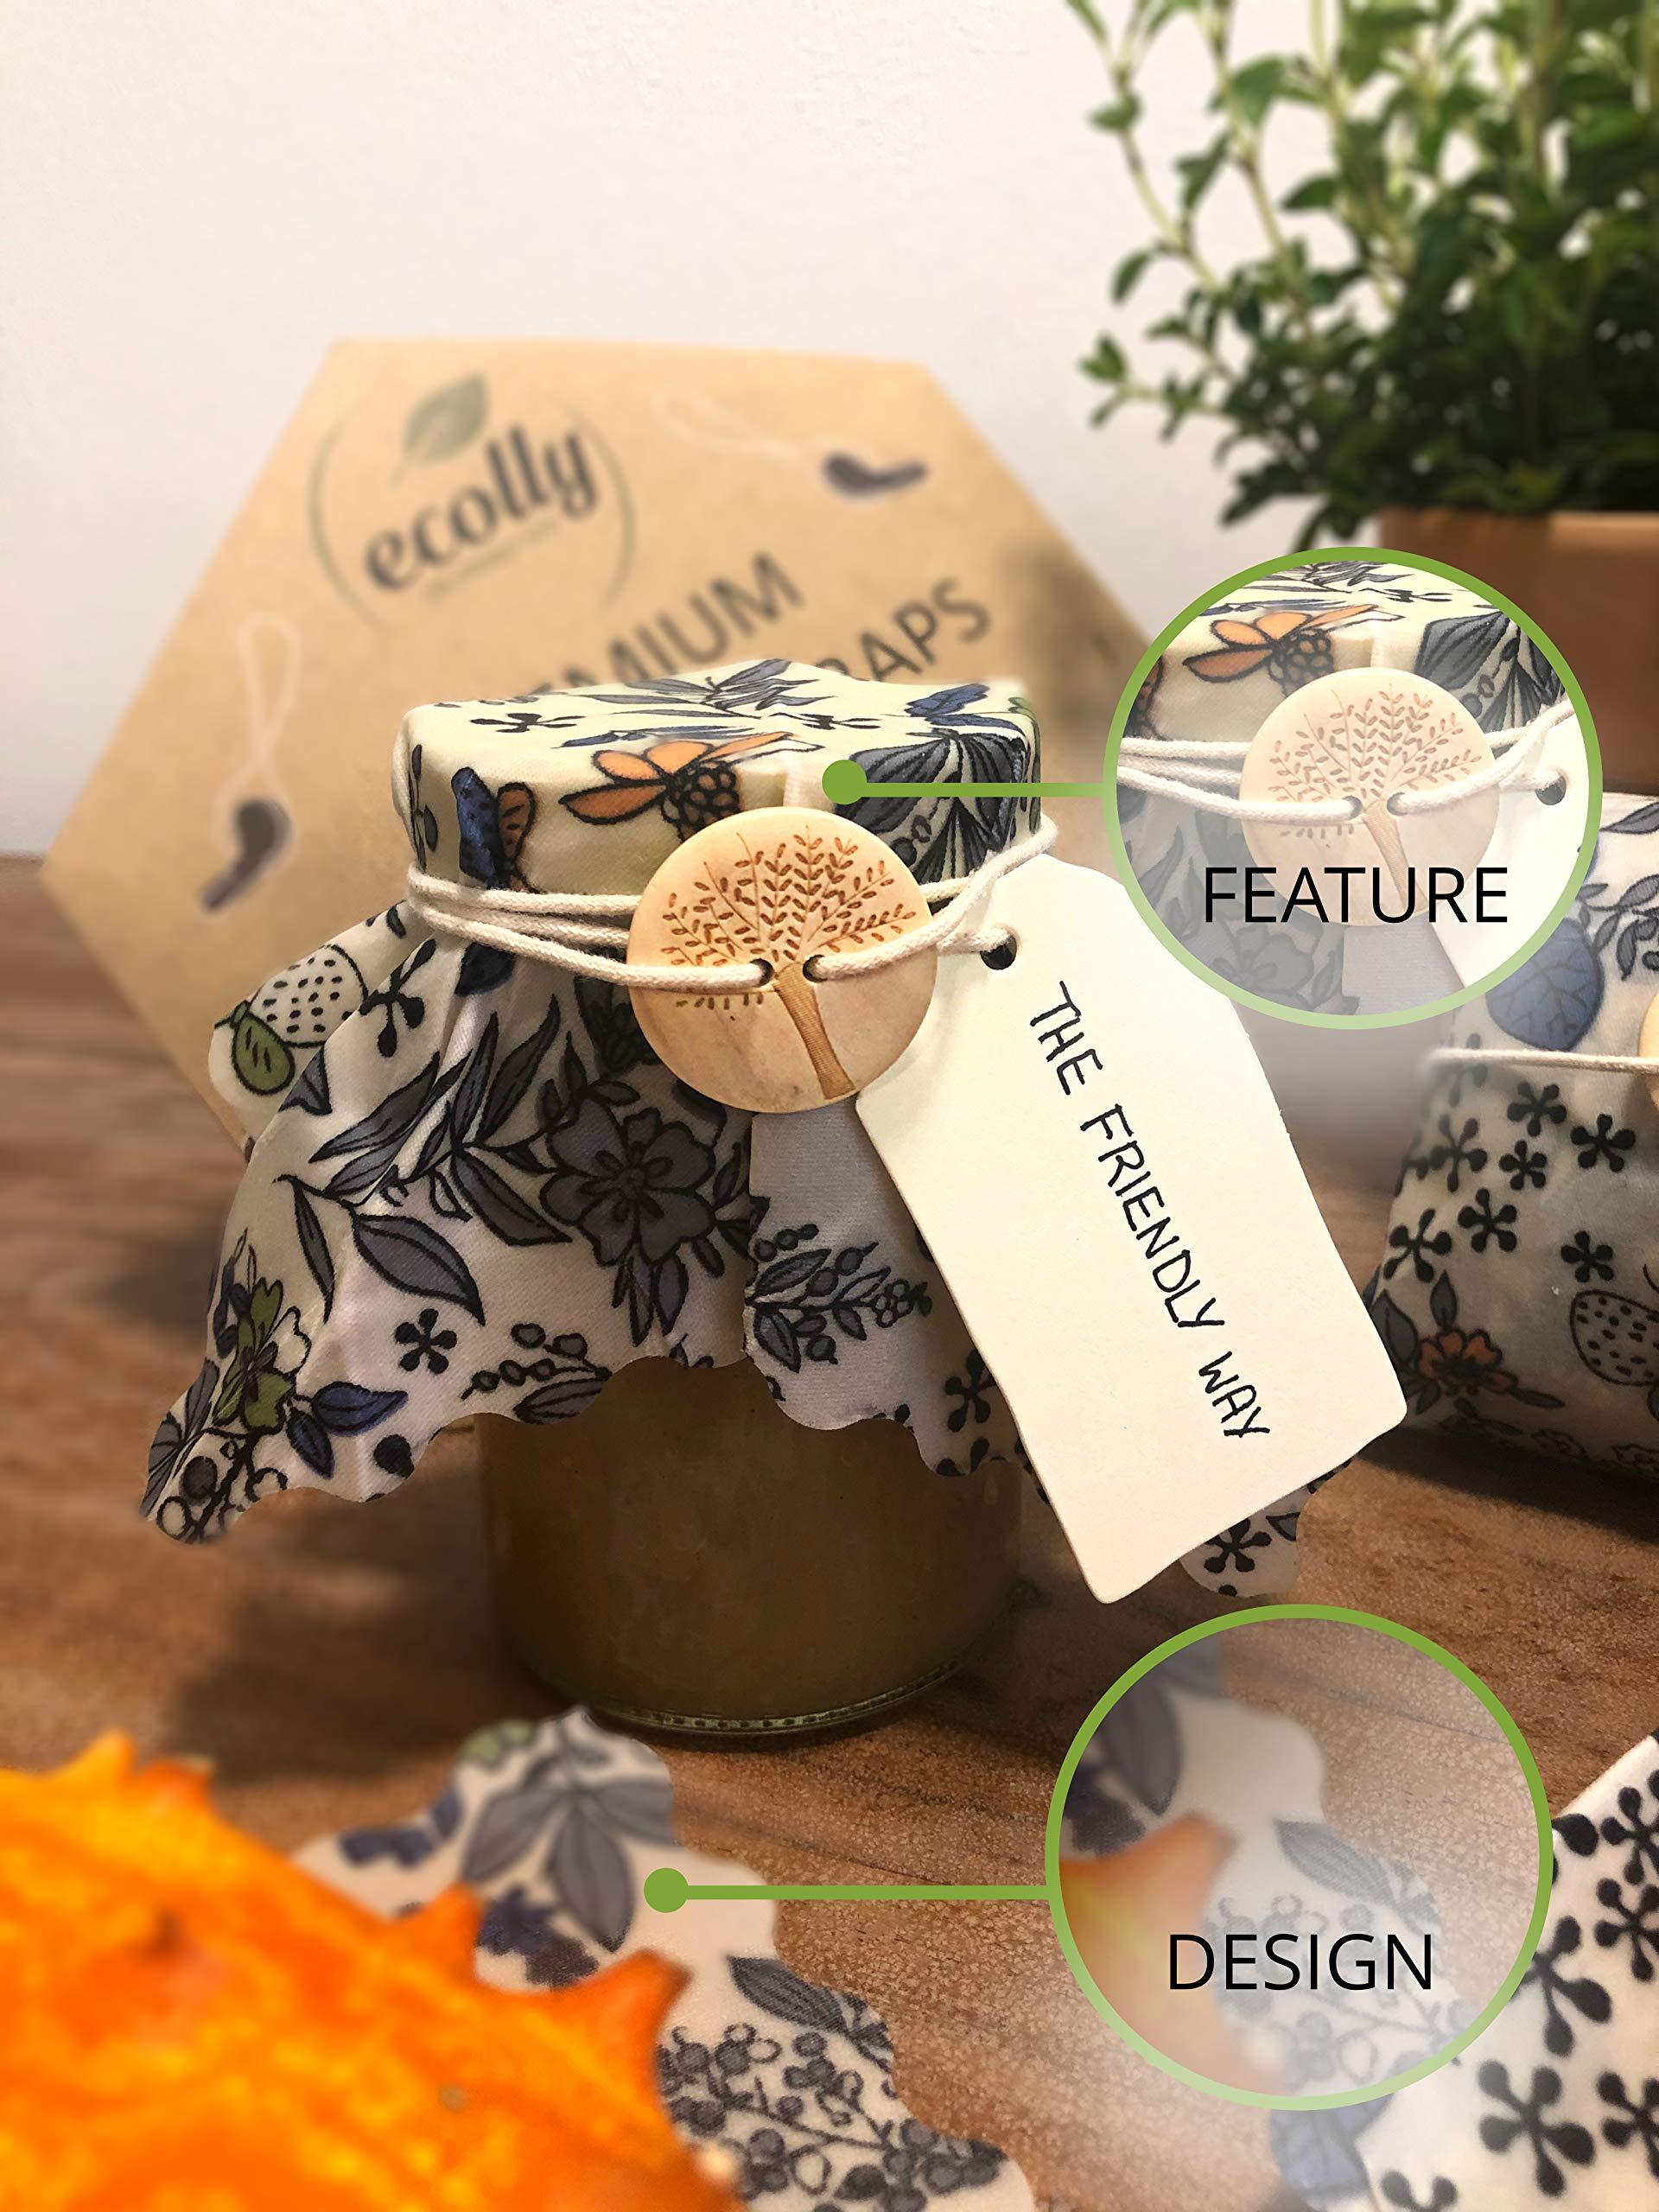 Ecolly® Premium Beeswax Wraps I Bienenwachstücher I Bienenwachspapier I Plastikfrei & wiederverwendbar I 3-er Set (S, M, L)